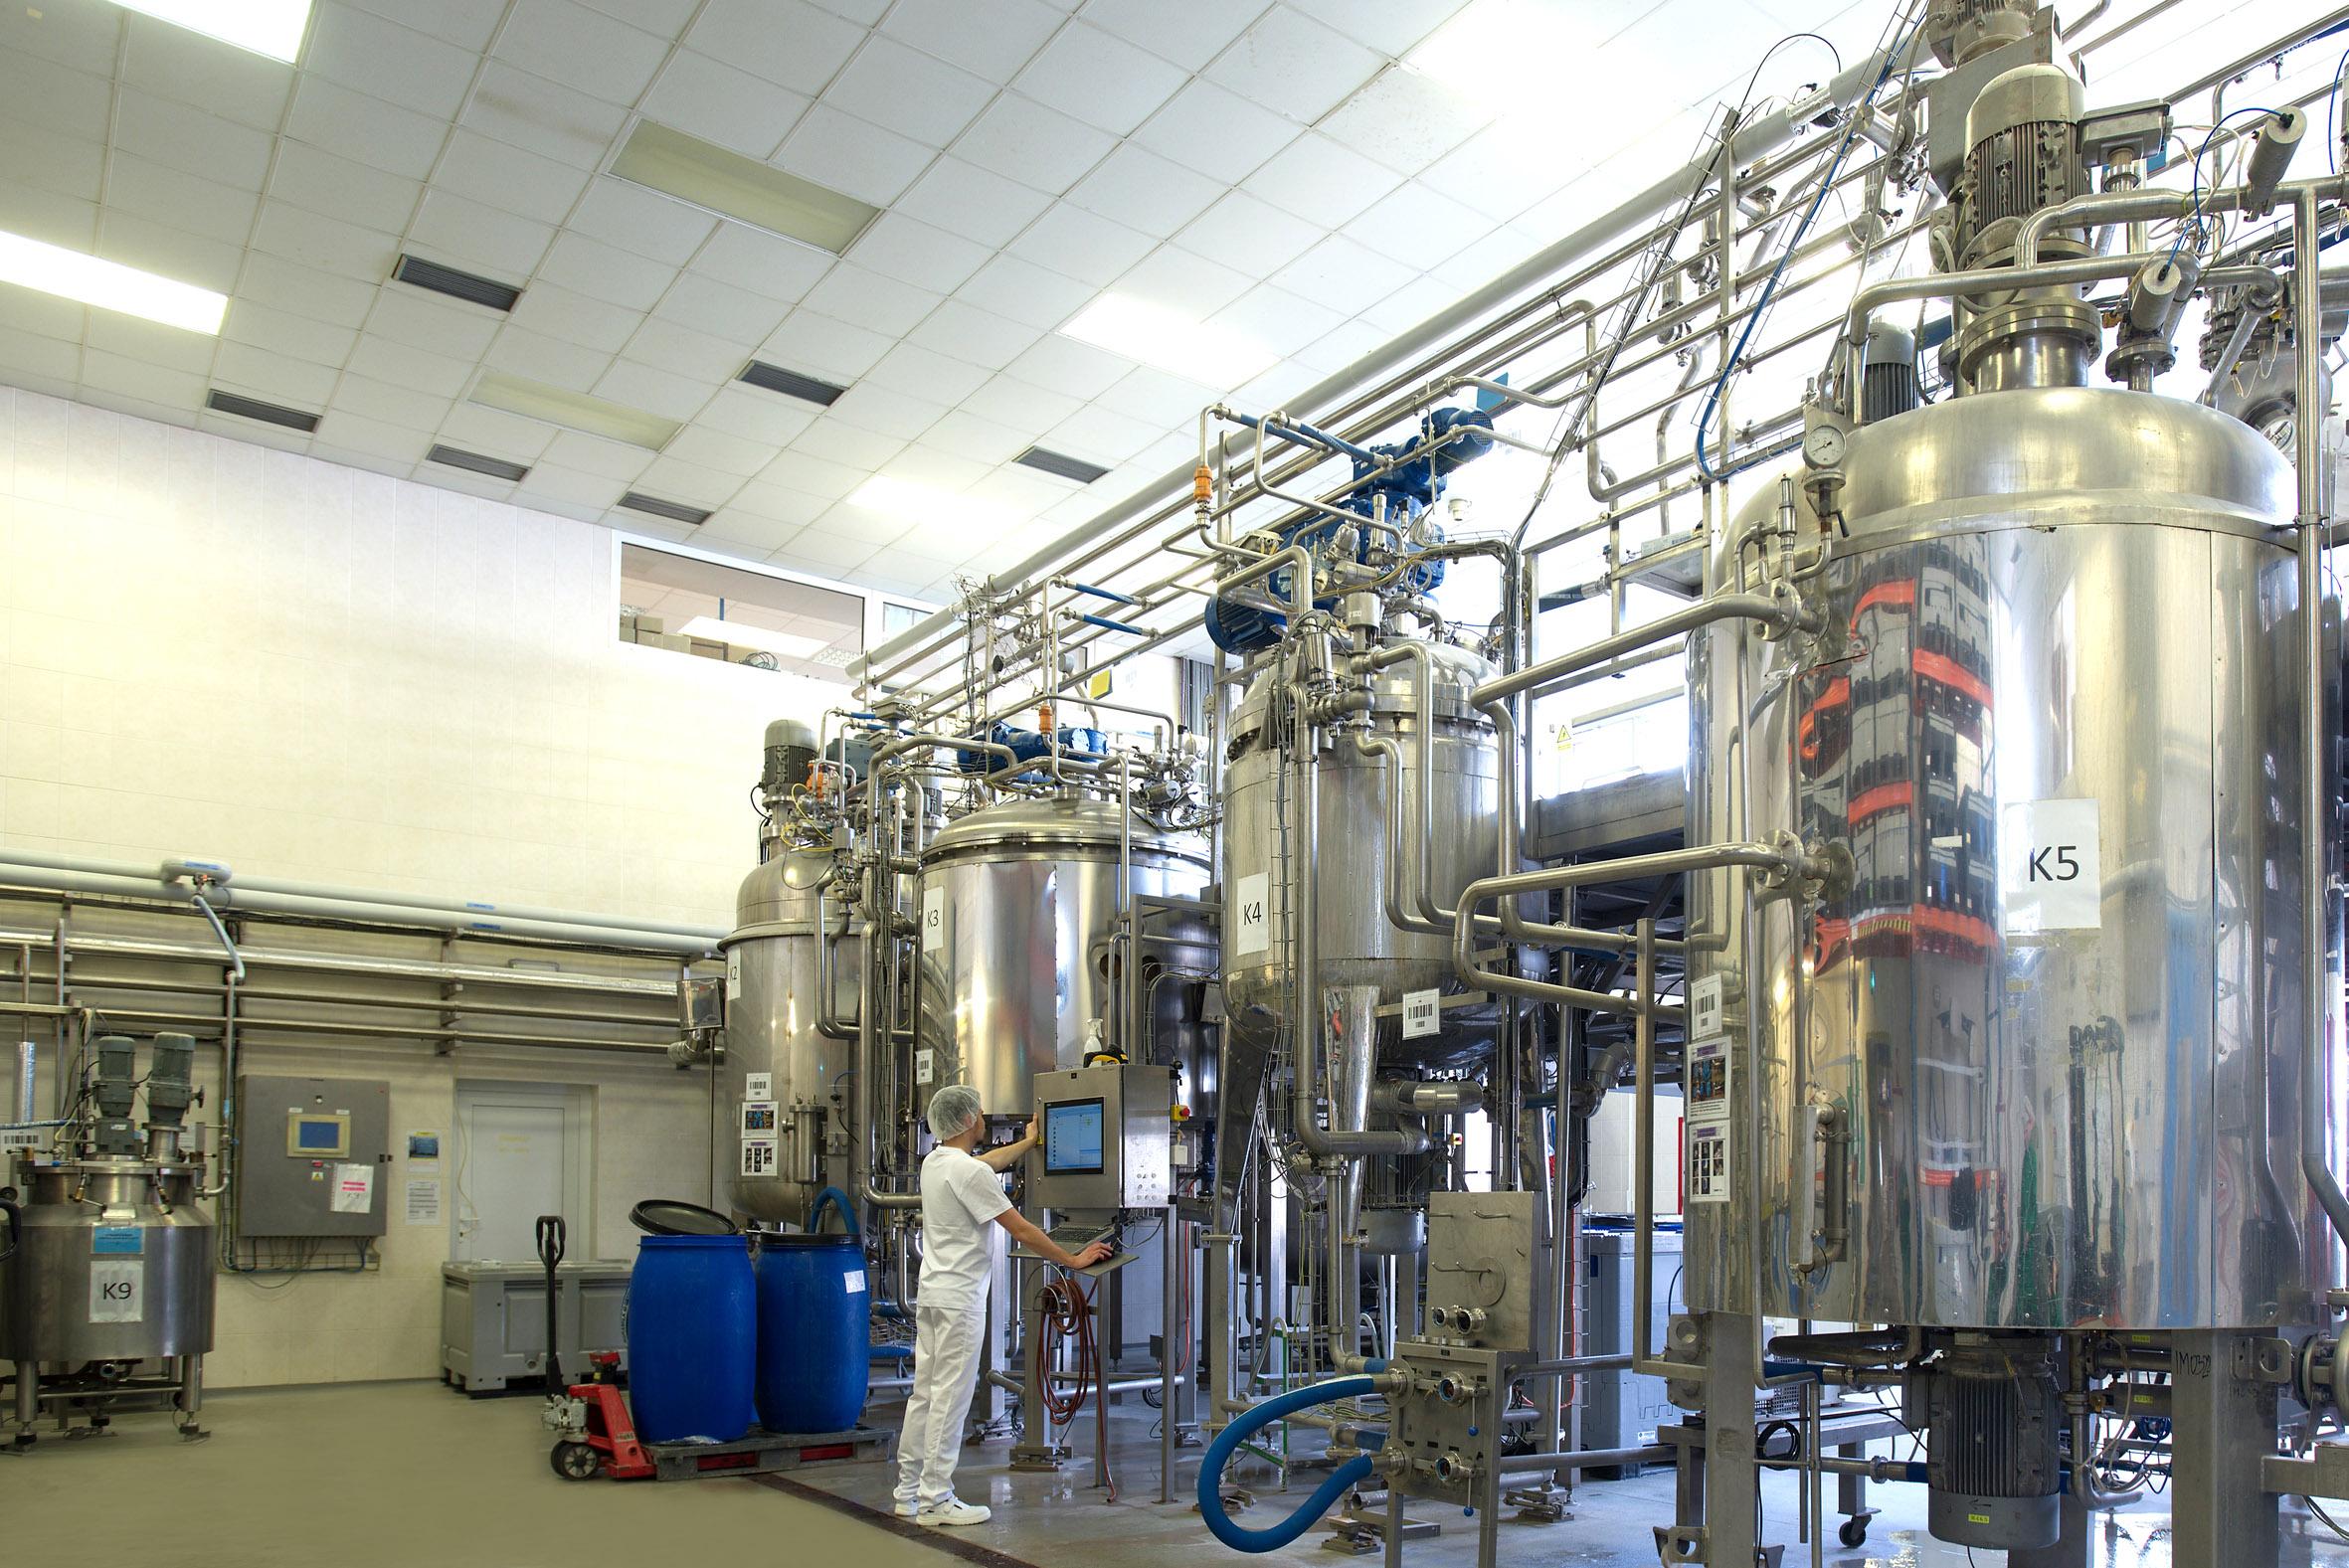 6_V brněnské továrně se dnes kosmetika vyrábí ve velkém_Na snímku obří kotle na přípravu sprchových gelů a tělových mlék_foto Dermacol_repro zdarma